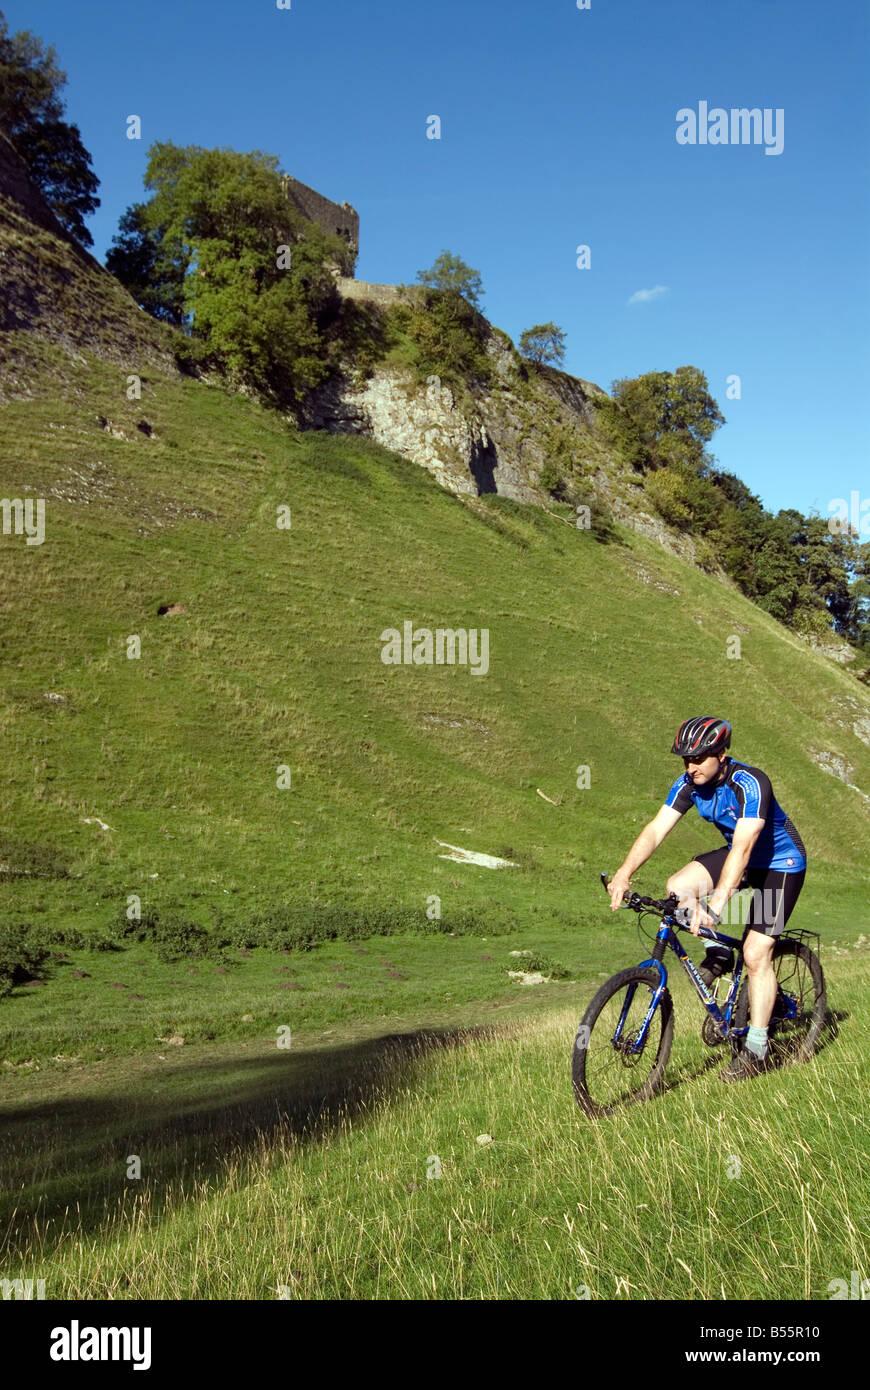 Doug Blane vtt Cavedale Castleton dans le parc national de Peak District Derbyshire UK England GB Grande Bretagne Banque D'Images